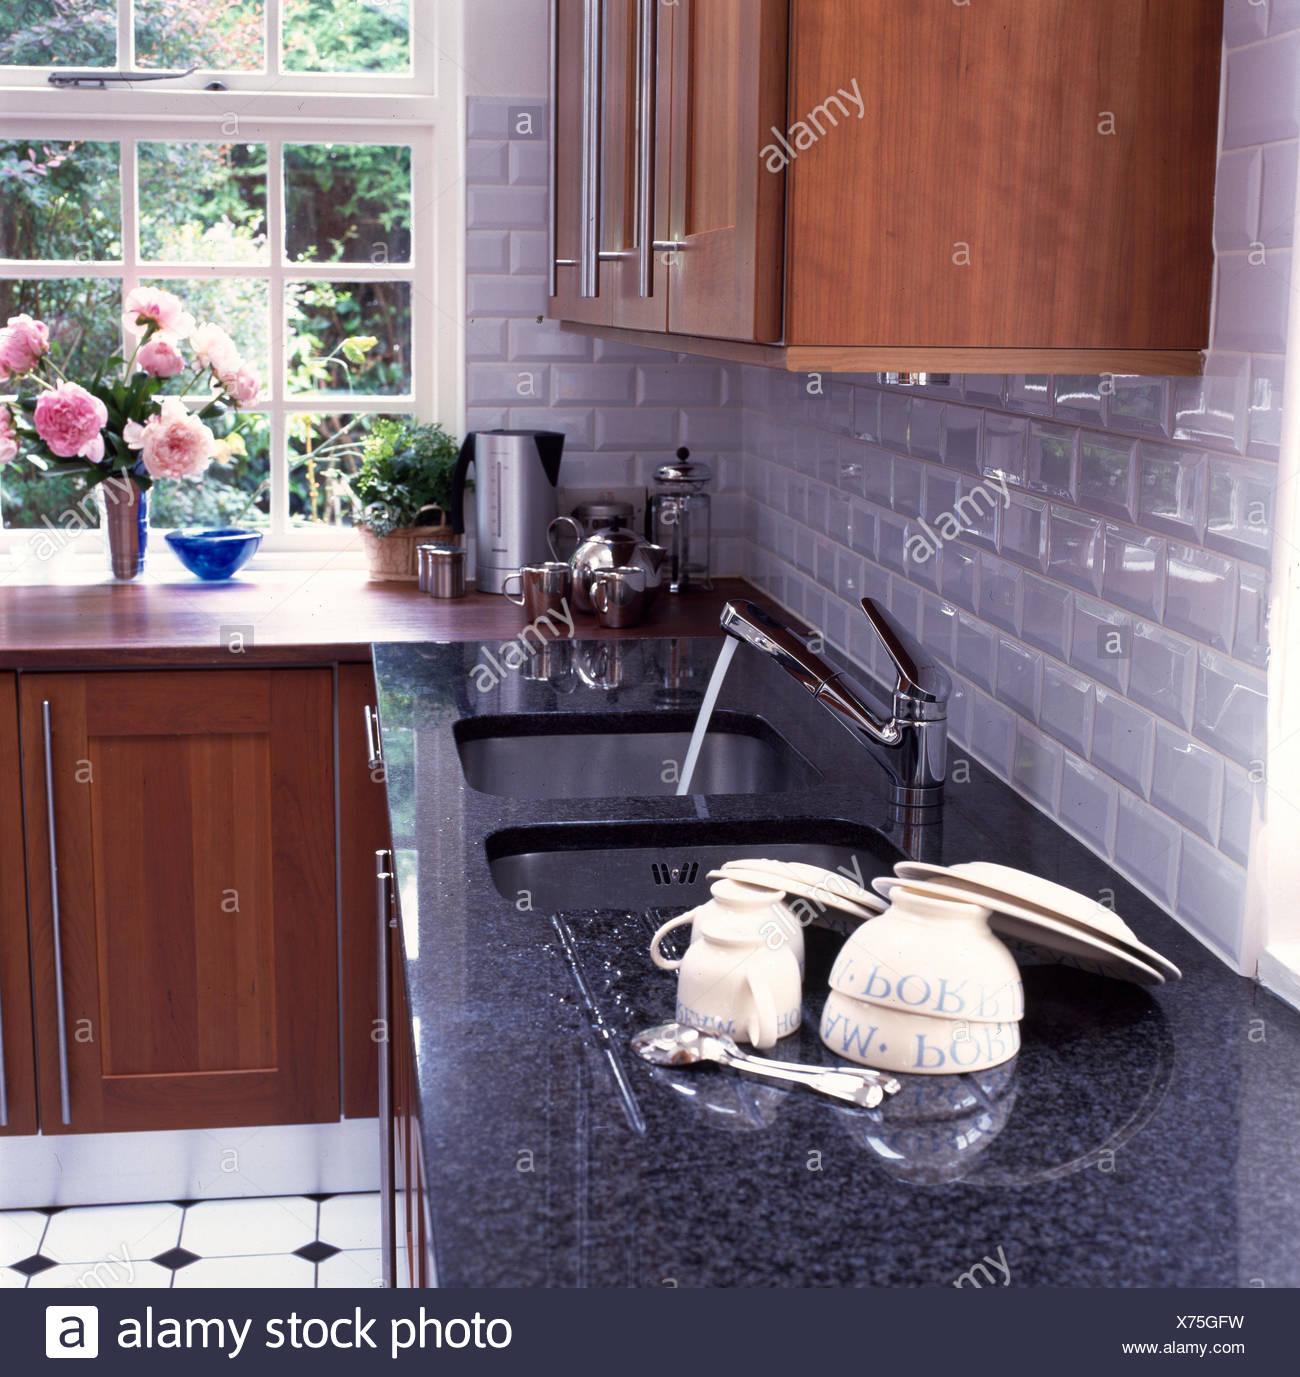 Full Size of Granit Arbeitsplatte Wei Geflieste Kche Mit Und Mahagoni Küche Sideboard Granitplatten Arbeitsplatten Wohnzimmer Granit Arbeitsplatte